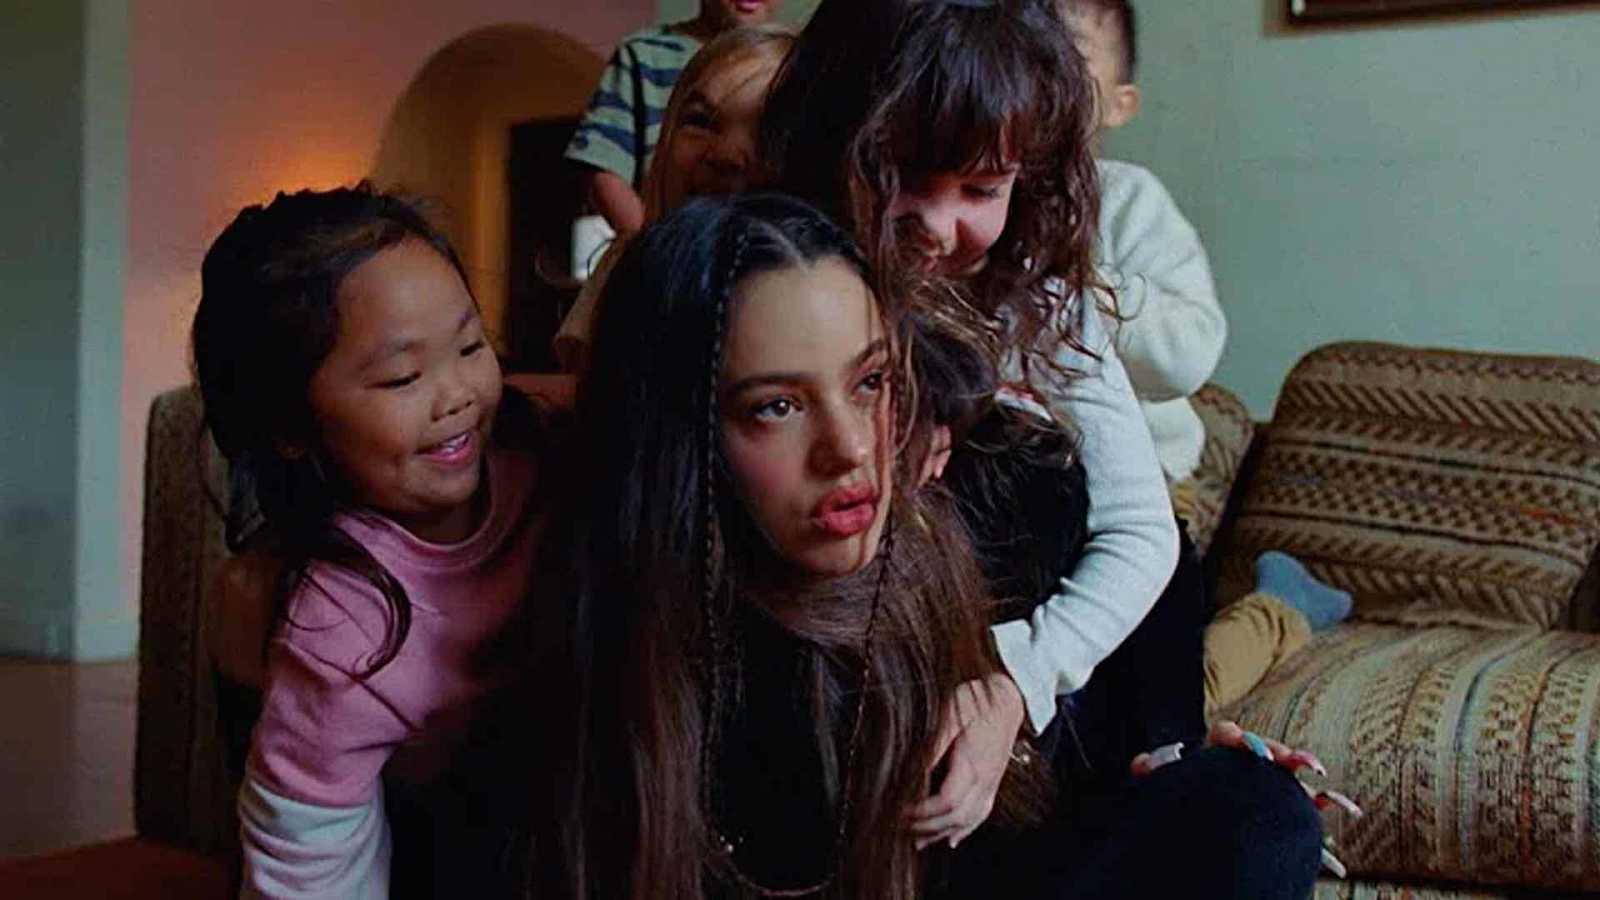 Fotograma del videoclip 'TKN' de Rosalía y Travis Scott